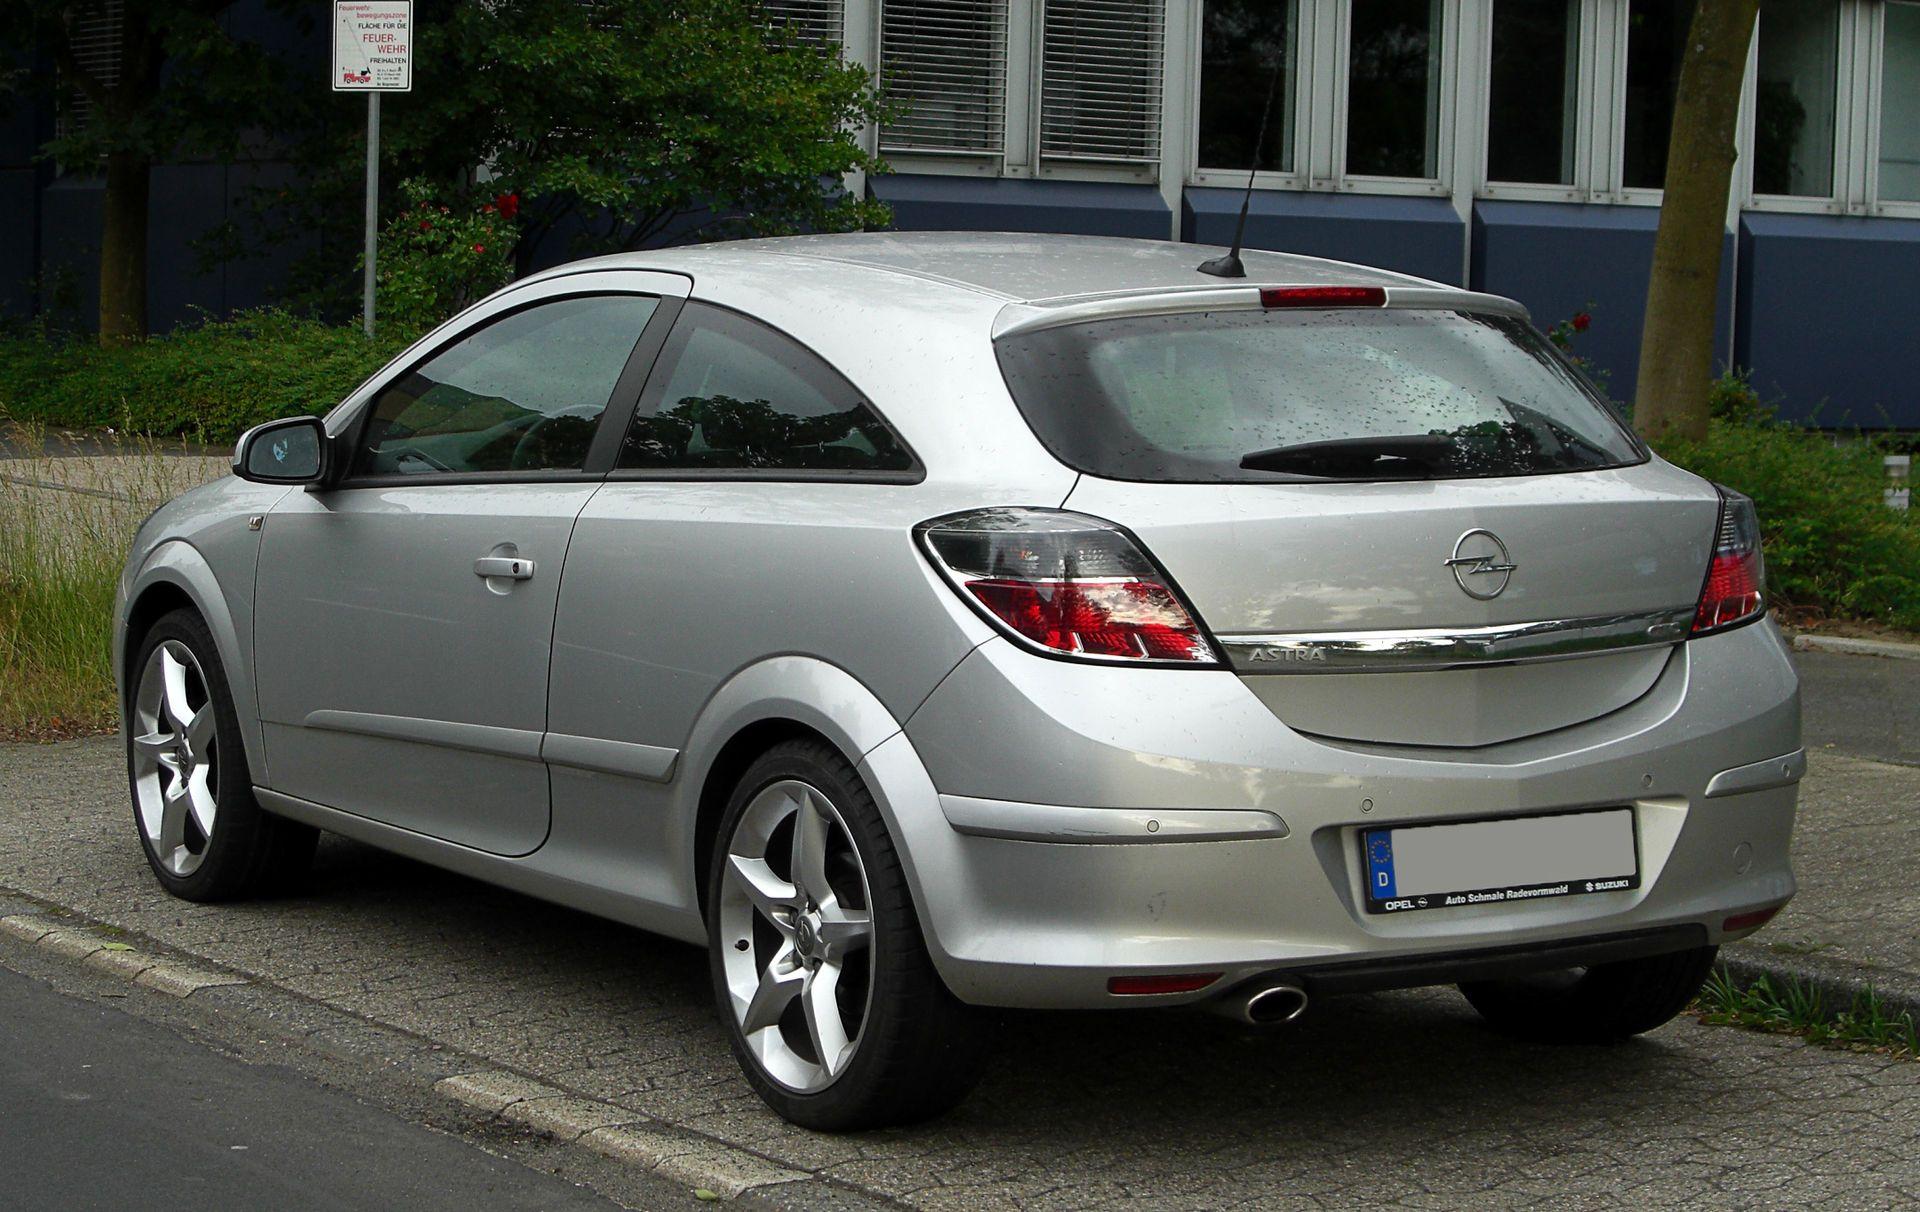 Opel Astra Gtc H Facelift Heckansicht 28 Mai 2011 Ratingen Opel Astra H Wikipedia Opel Astra Opel Corsa